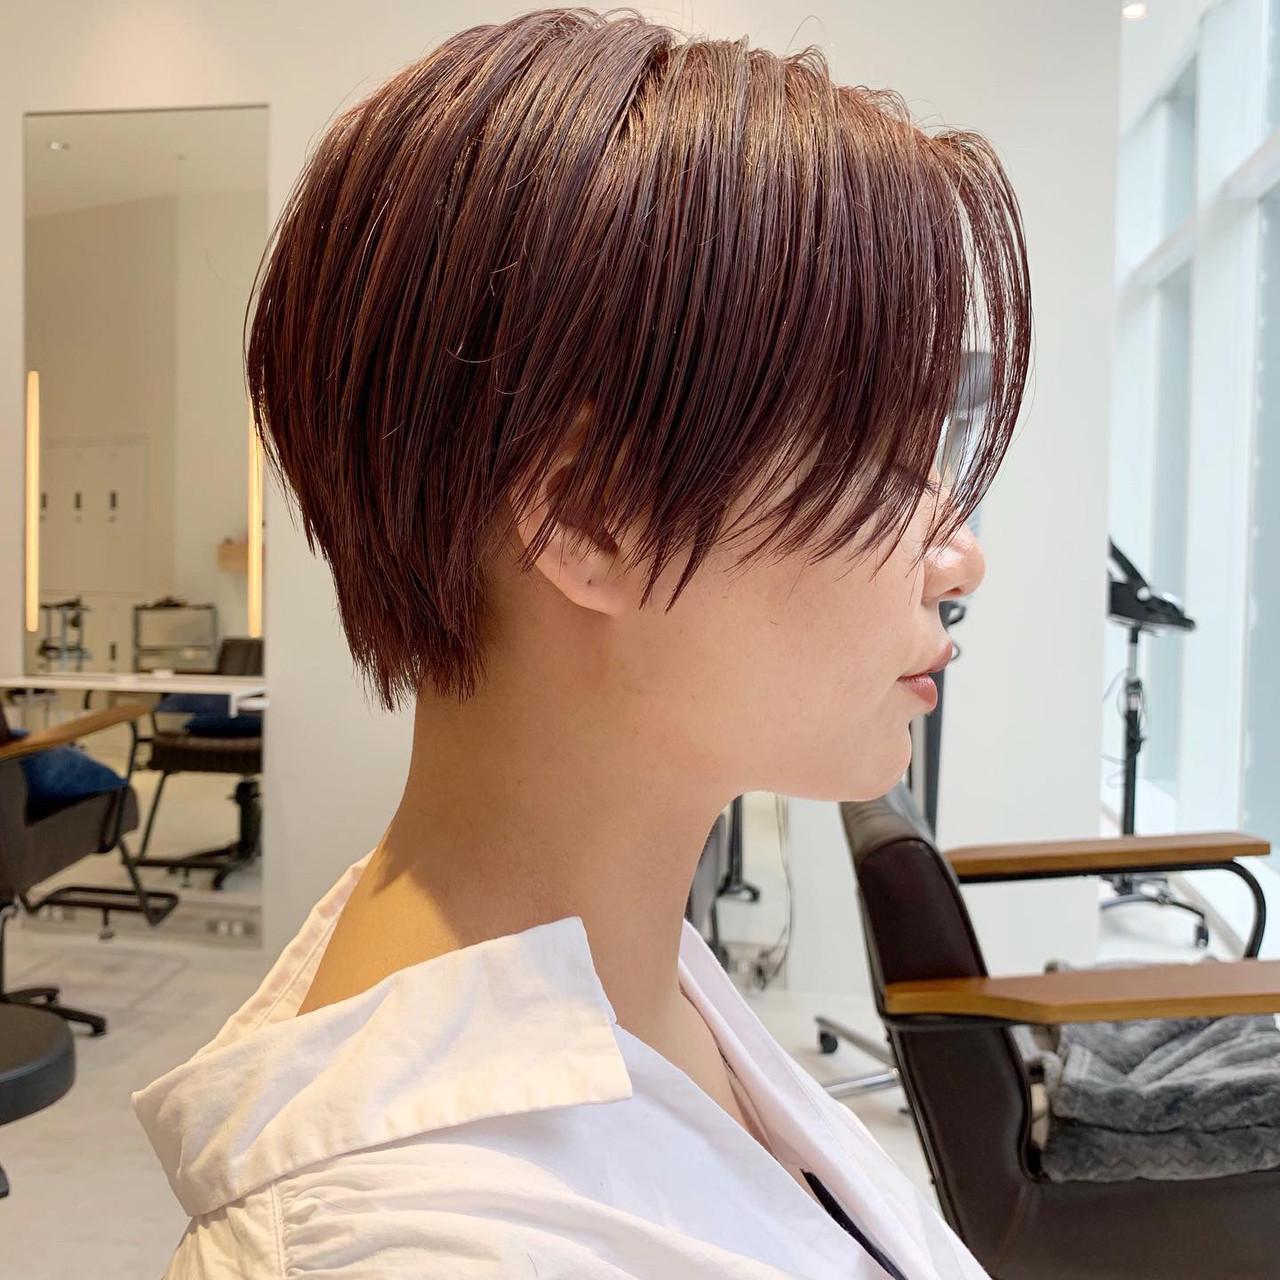 ショートボブ ショート モード アウトドア ヘアスタイルや髪型の写真・画像 | ショートヘア美容師 #ナカイヒロキ / 『send by HAIR』